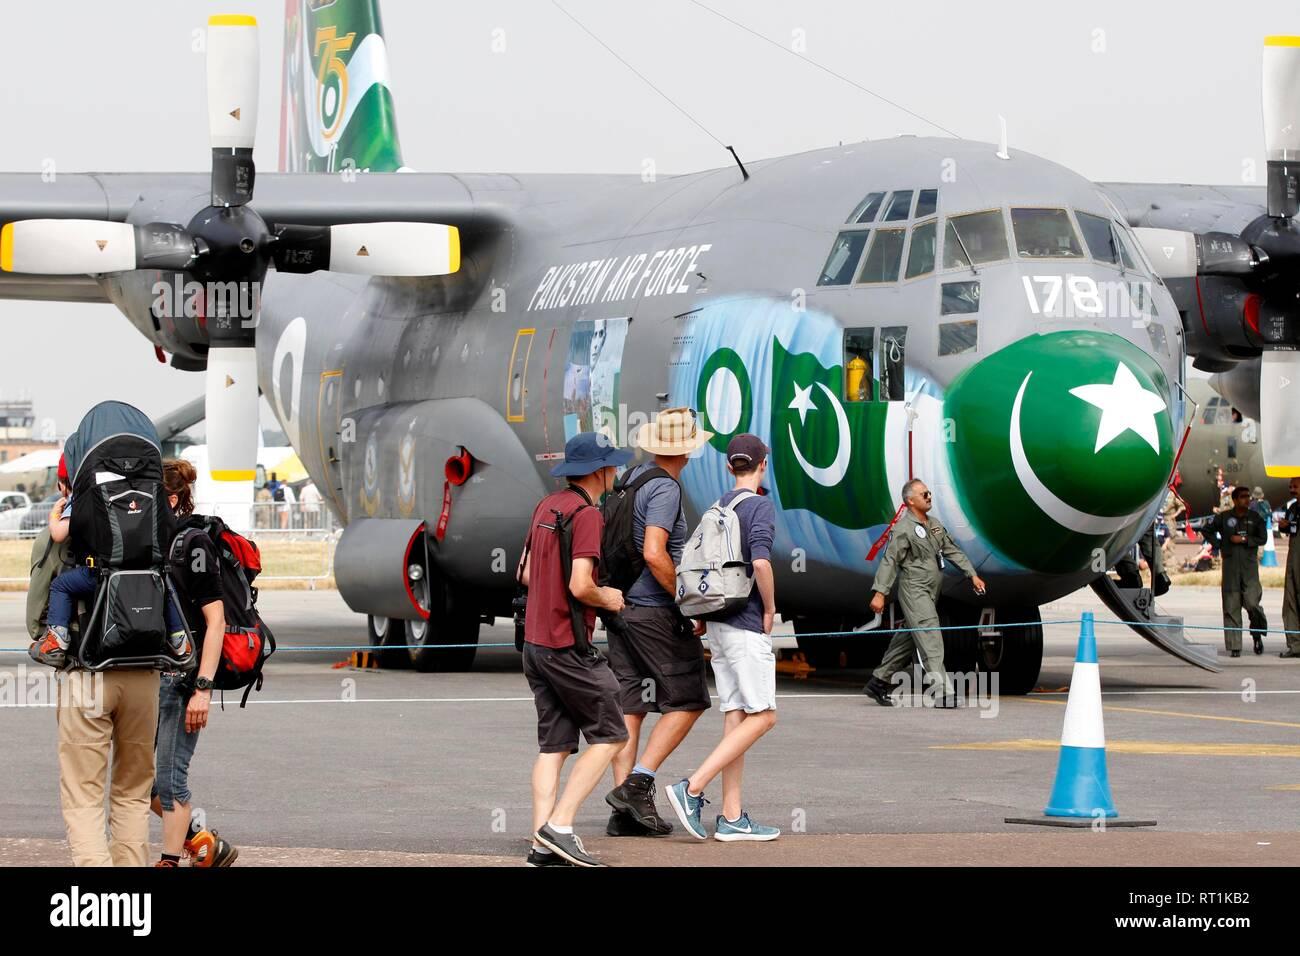 La colorata C130 piano dei pakistani Air Force in mostra. Immagini Stock